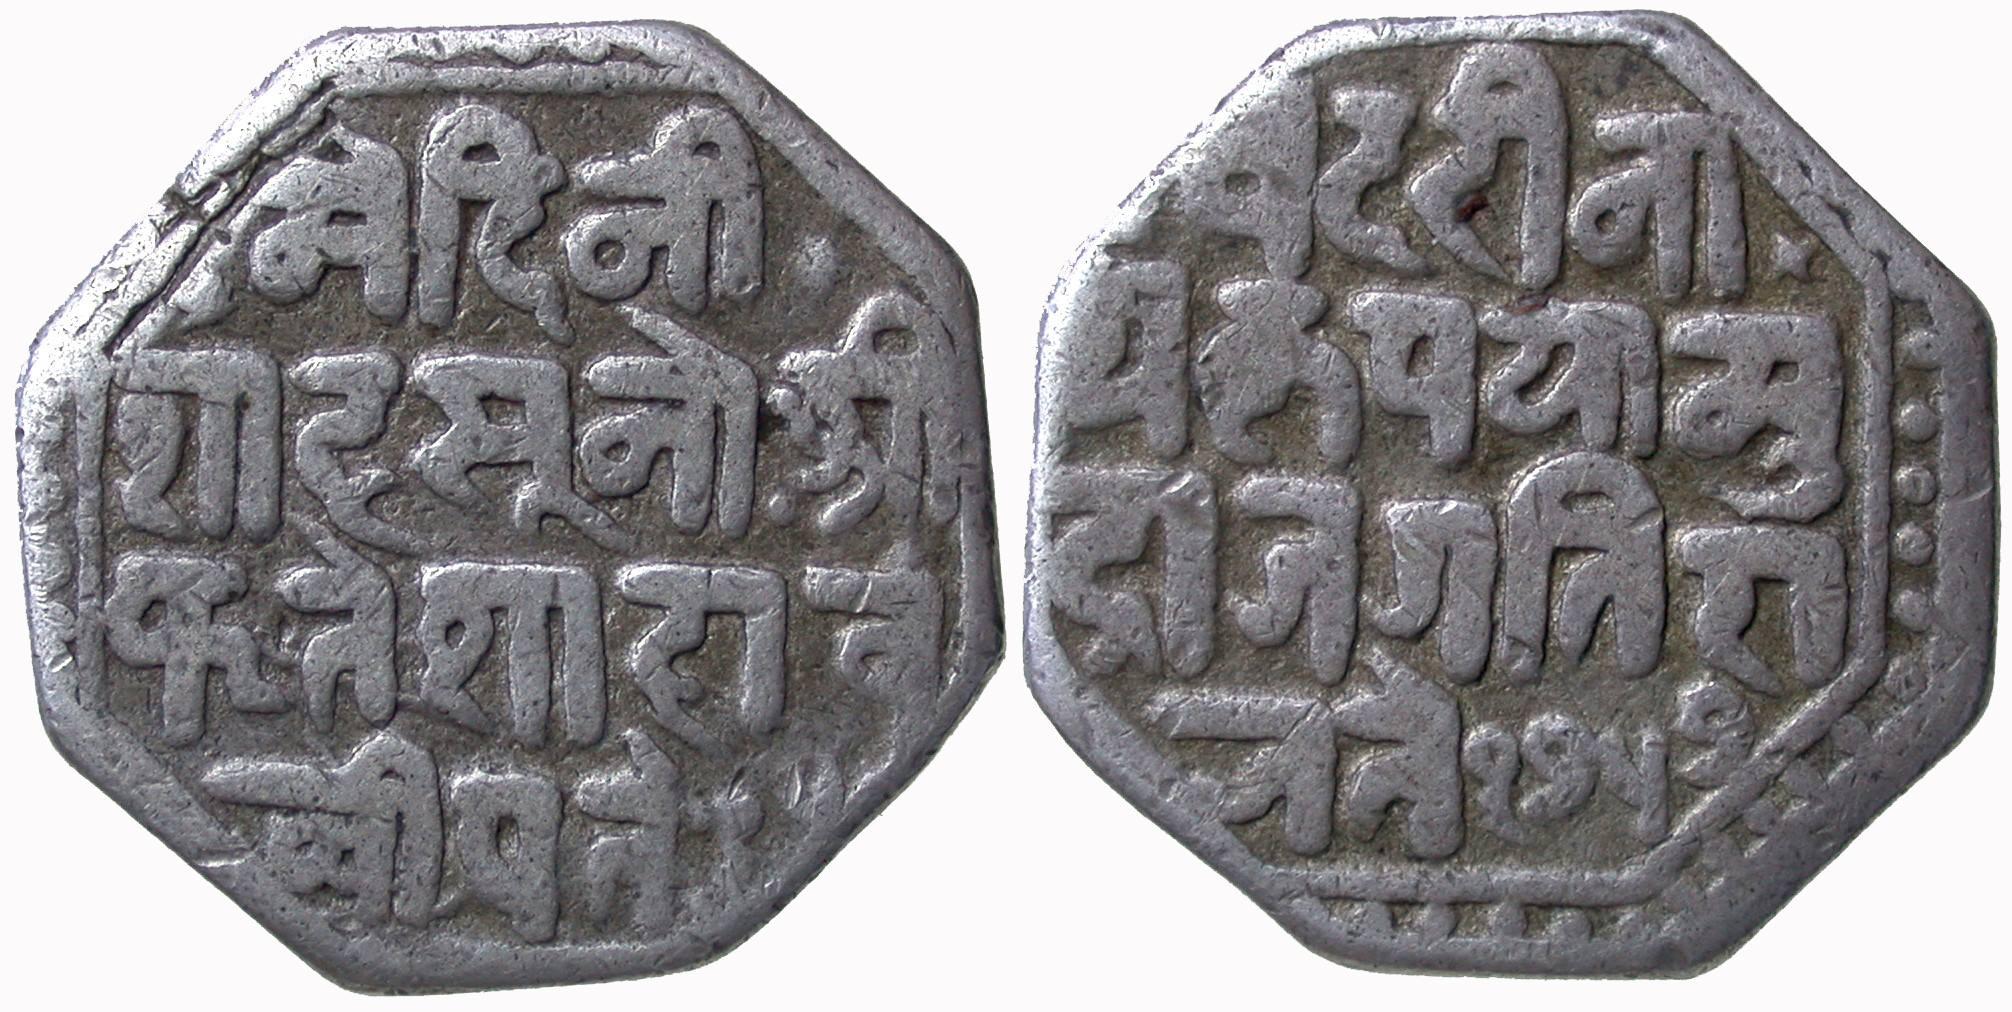 फतेशाहचा १७०० सालातला रुपया